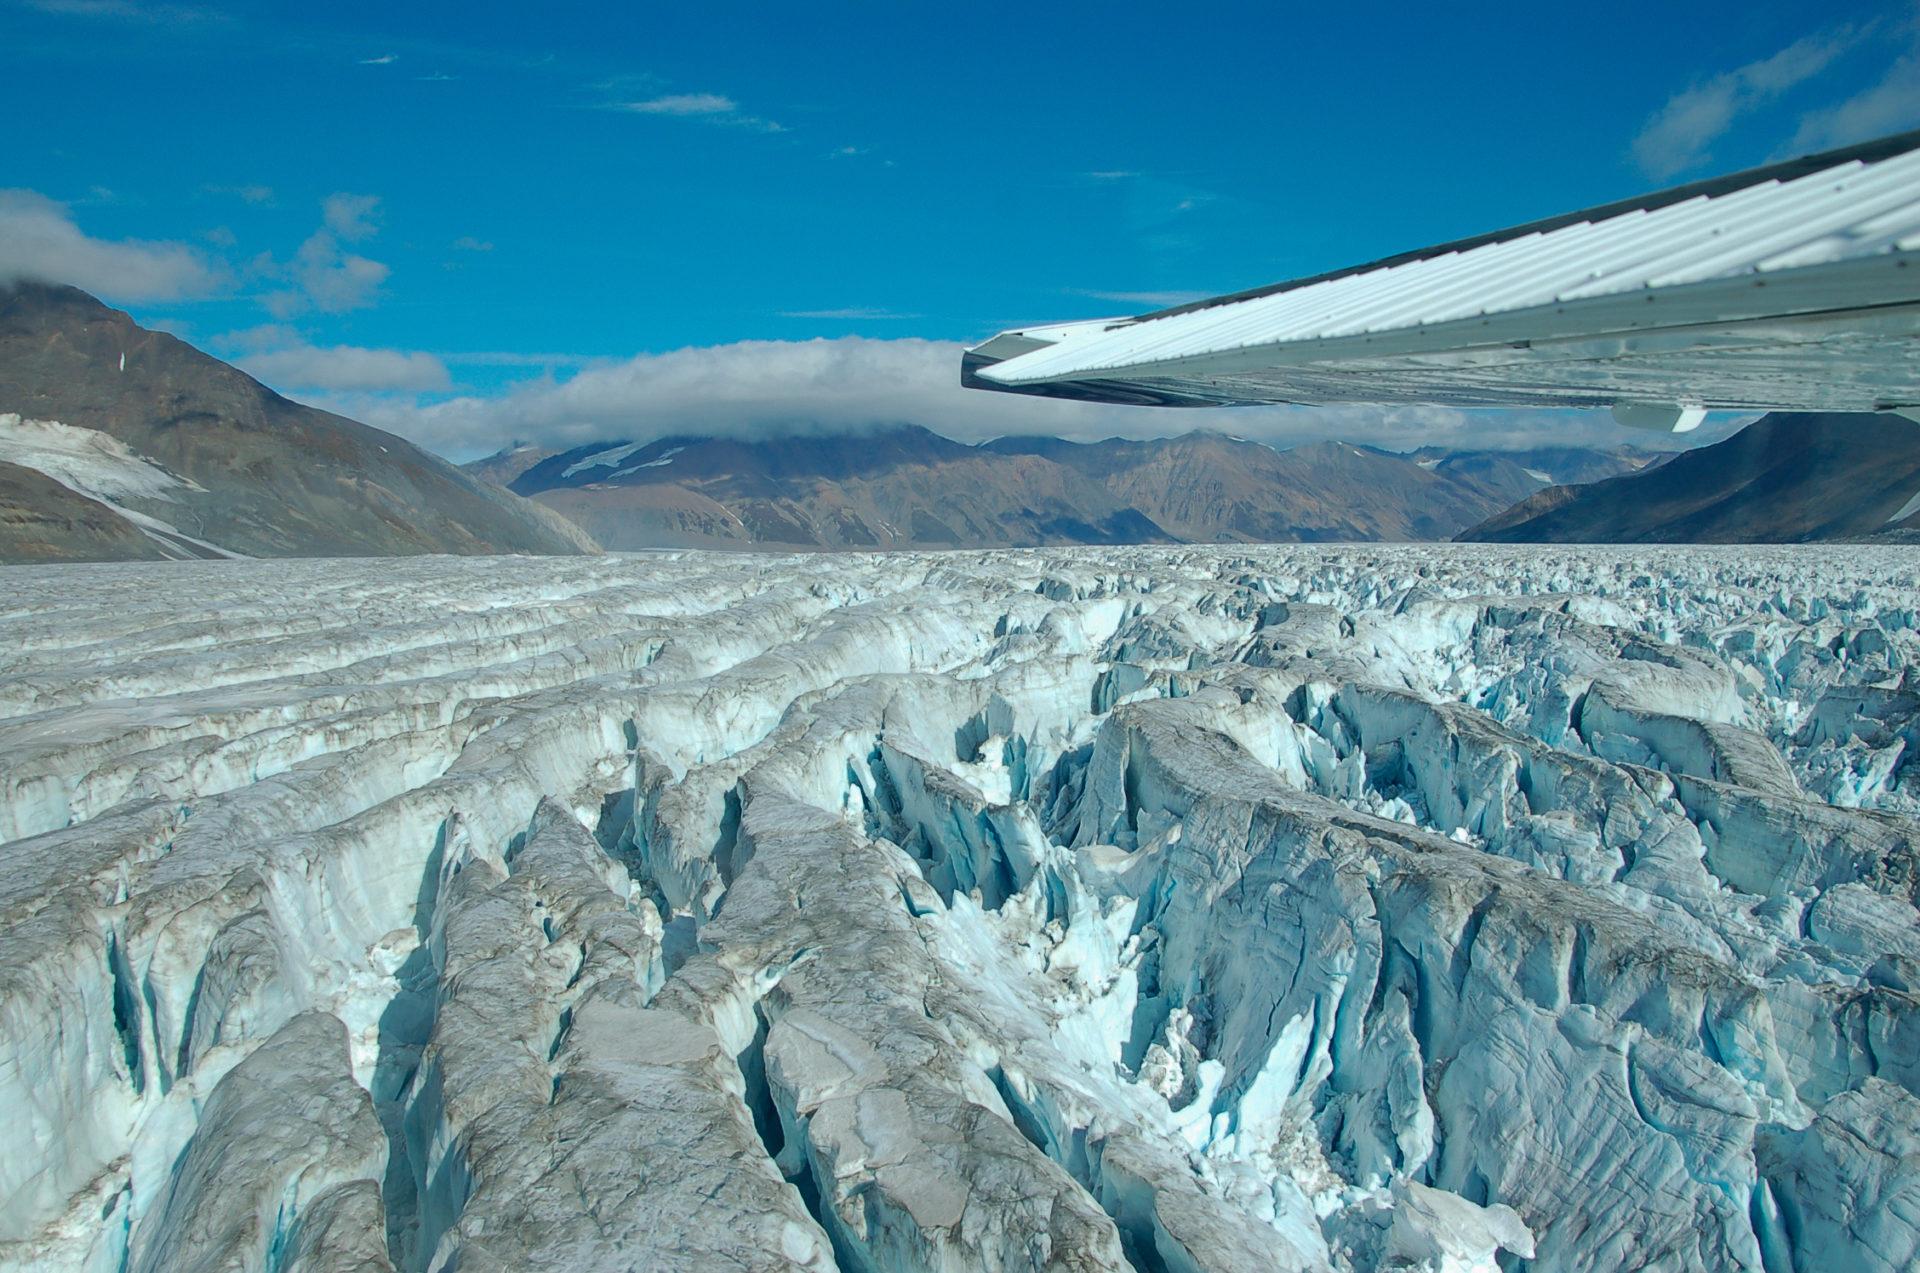 Eisberge auf einem Gletscher im Kluane National Park in Yukon in Kanada